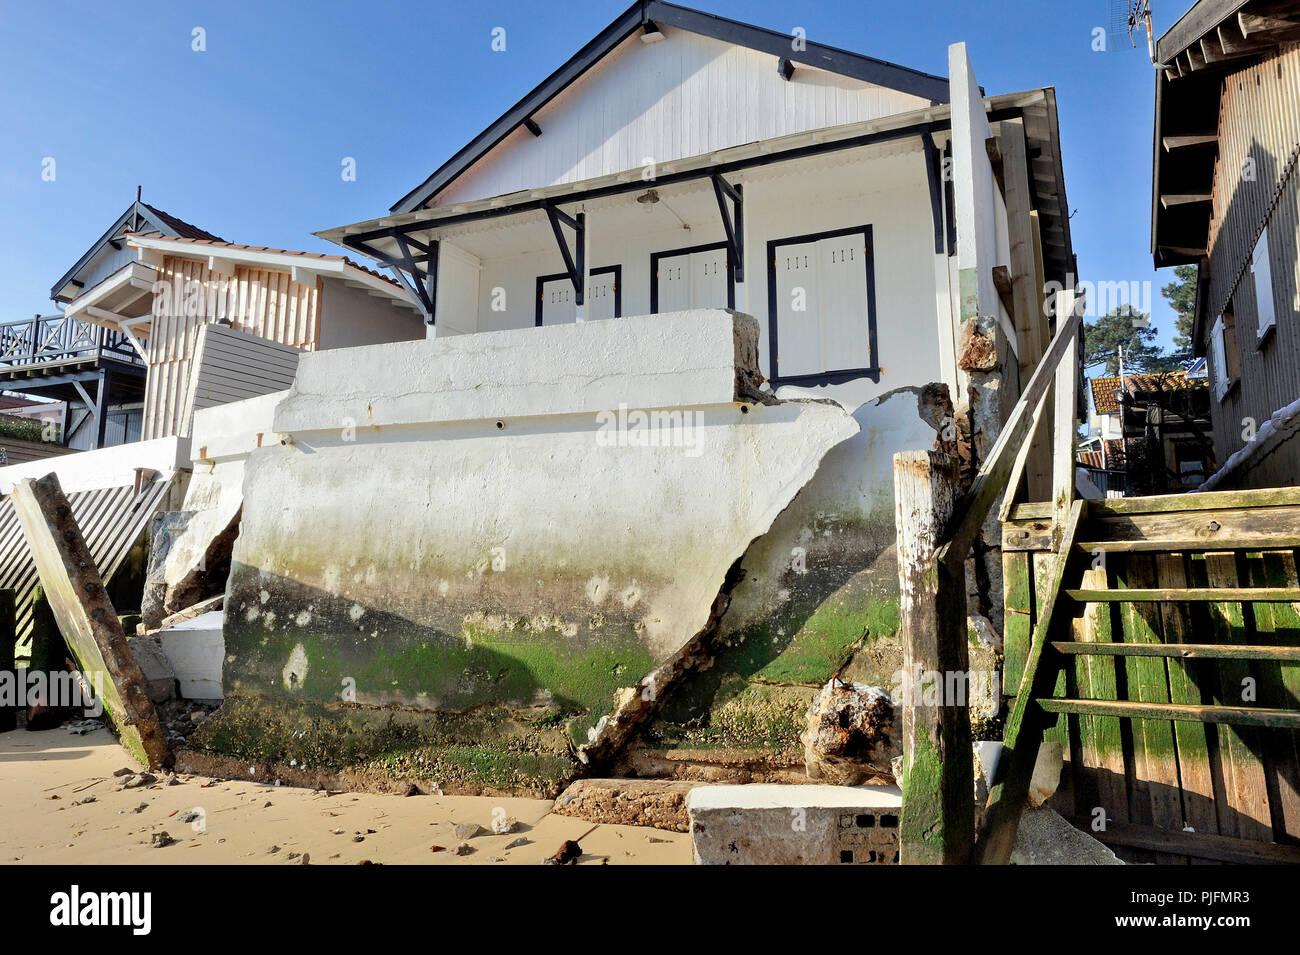 La France, le sud-ouest de la France, Arcachon, brisée par un perré d'immersion en mer Photo Stock